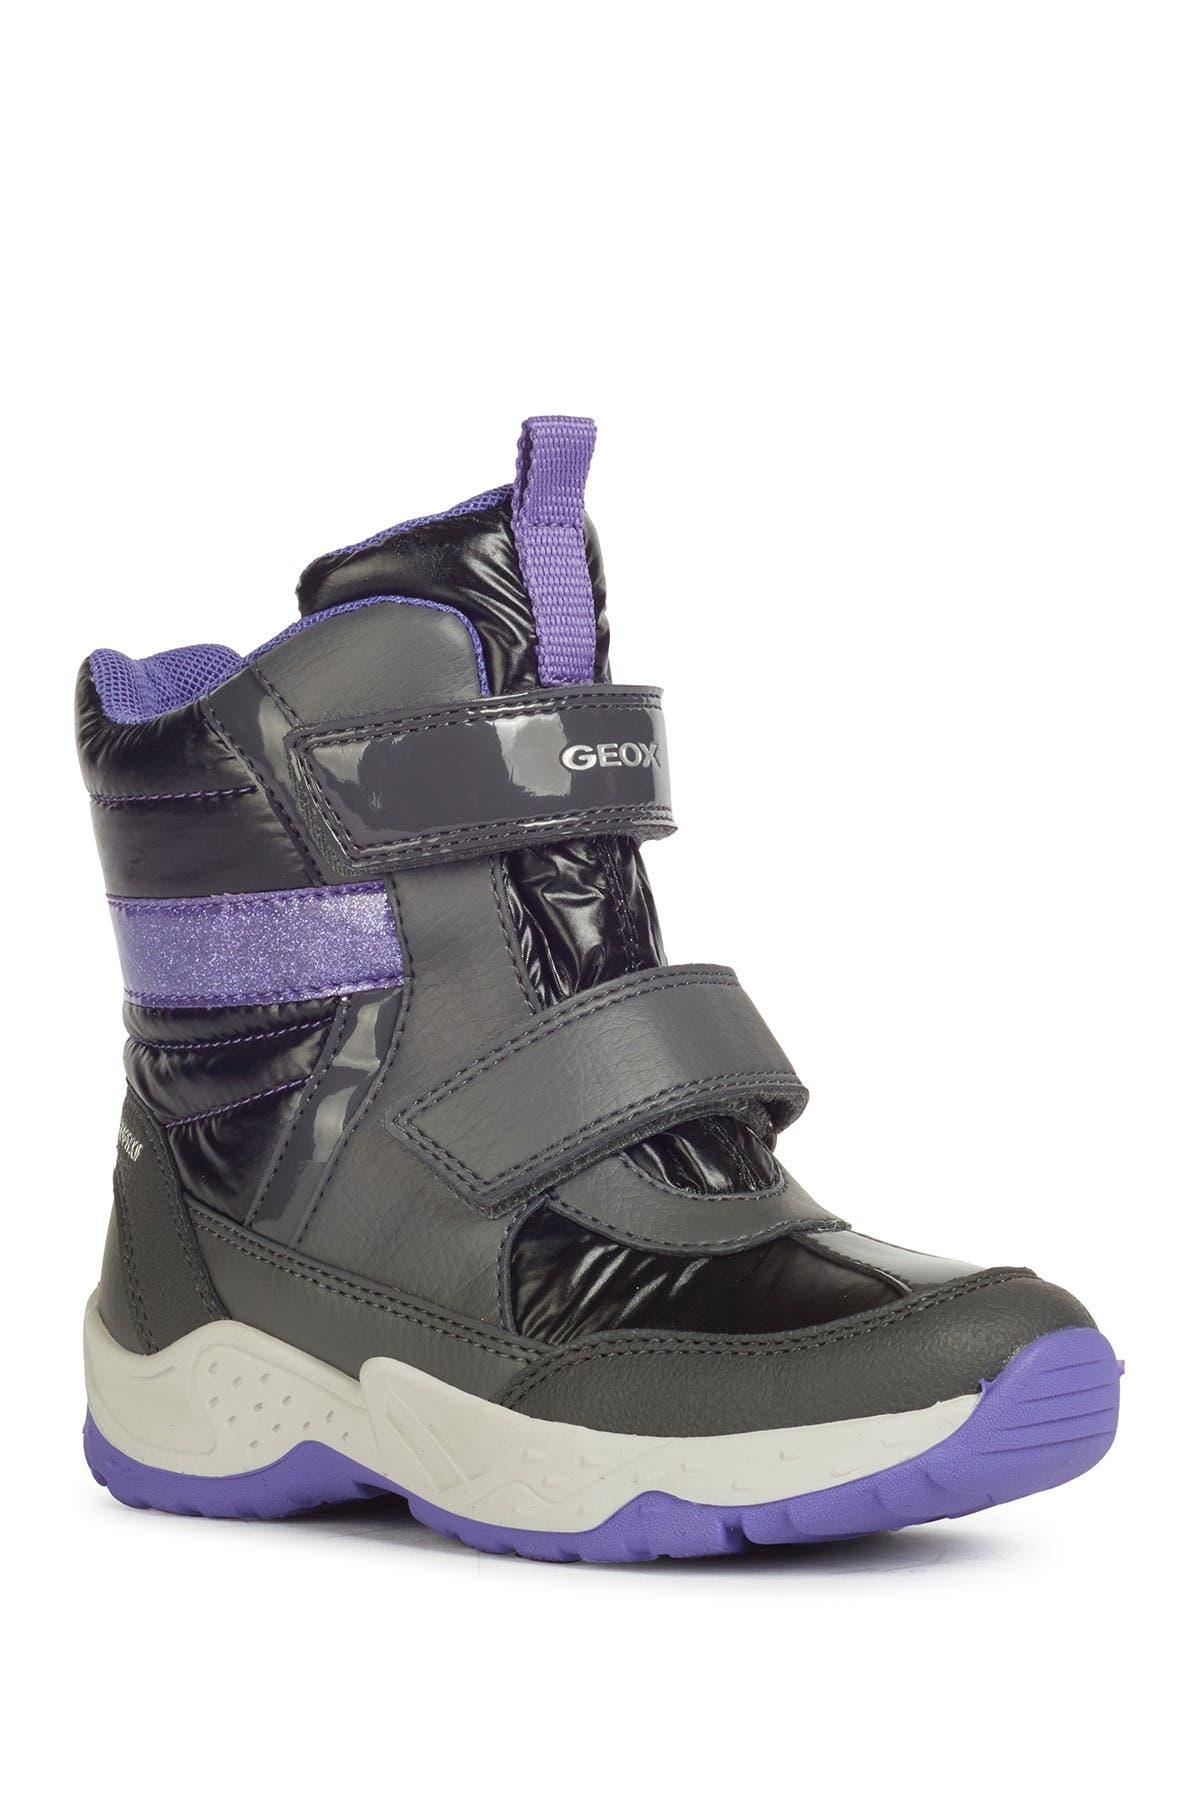 Image of GEOX Sentiero Girl WP Boot